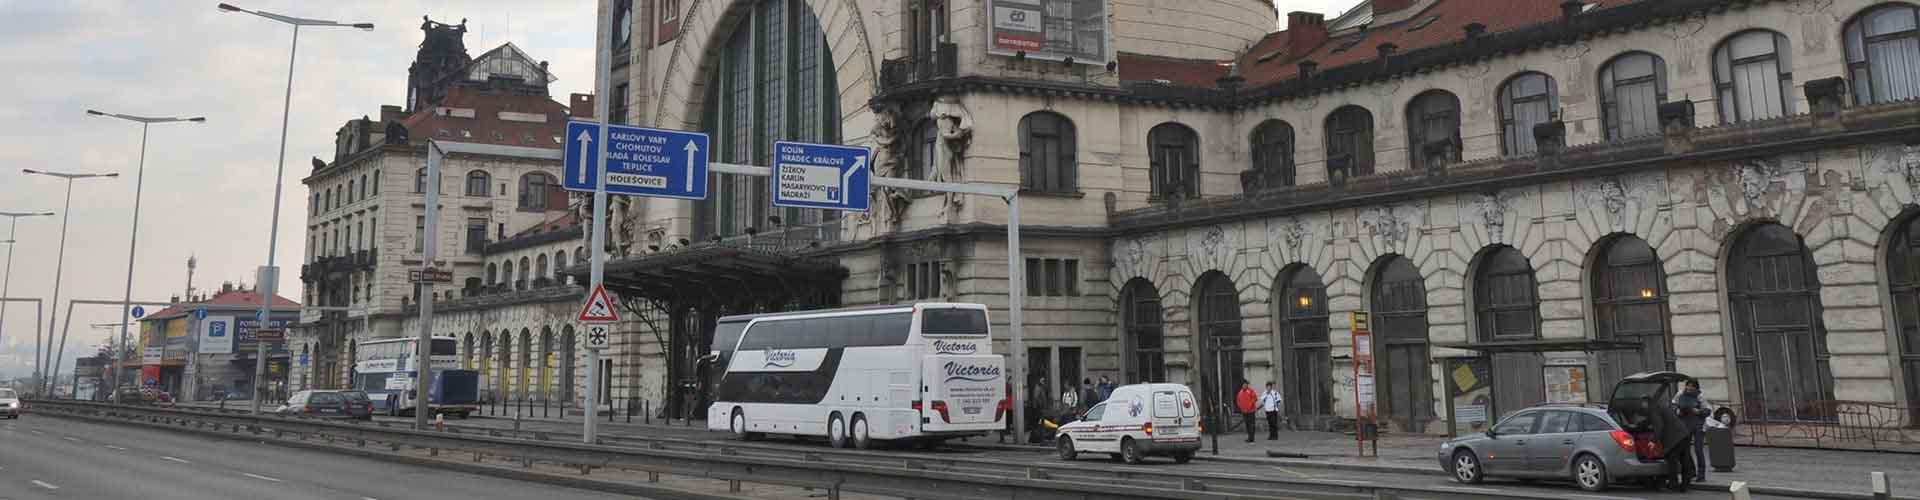 Prag - Zelten nahe Prag Hauptbahnhof. Prag auf der Karte. Fotos und Bewertungen für jeden Zeltplatz in Prag.